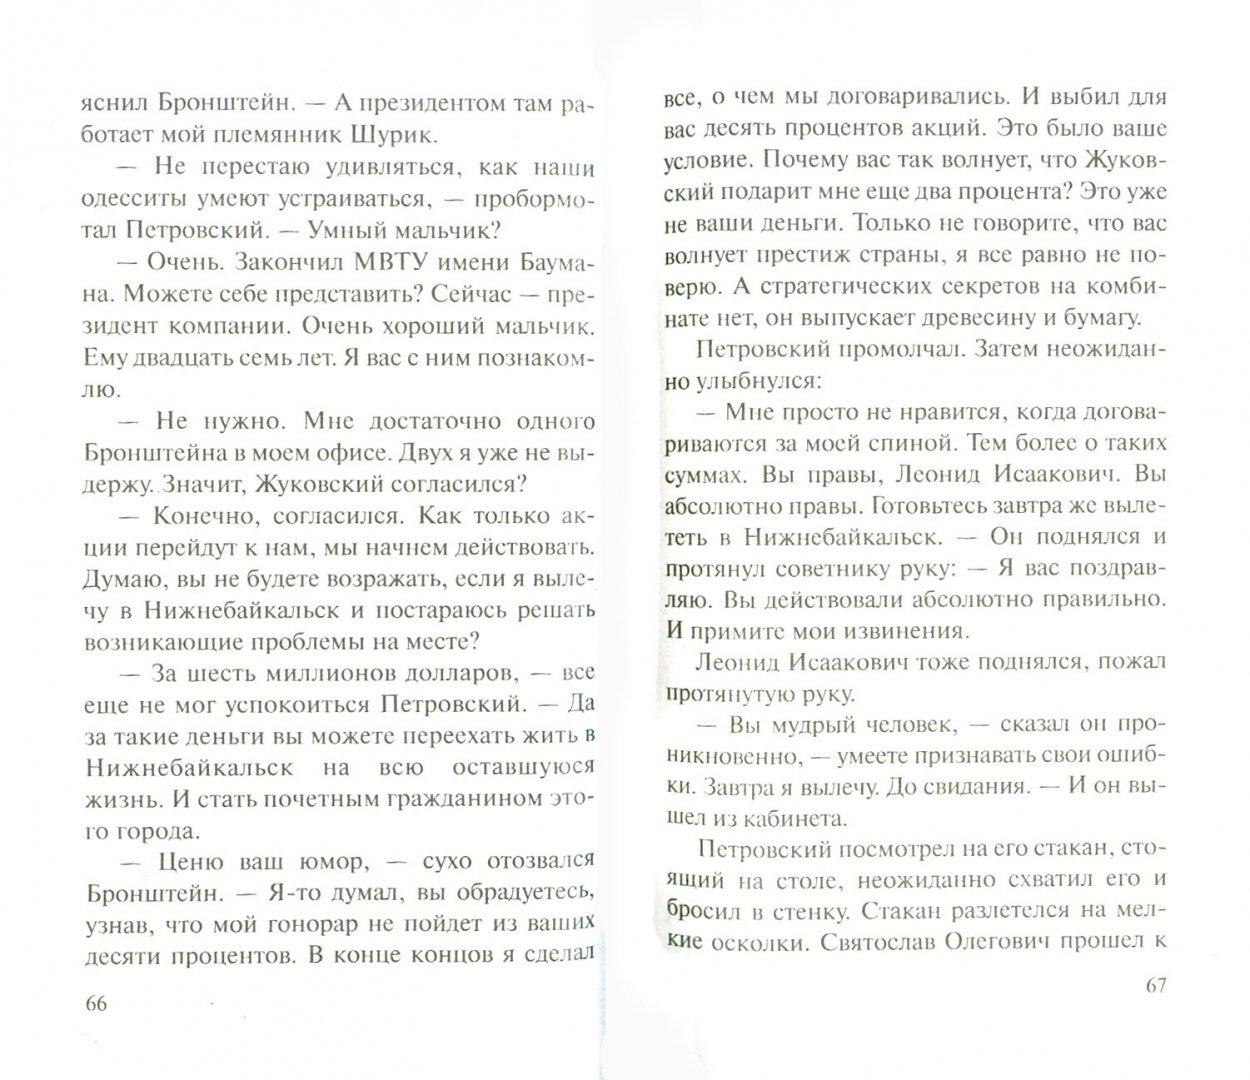 Иллюстрация 1 из 2 для Манипулятор: Плутократы - Чингиз Абдуллаев | Лабиринт - книги. Источник: Лабиринт